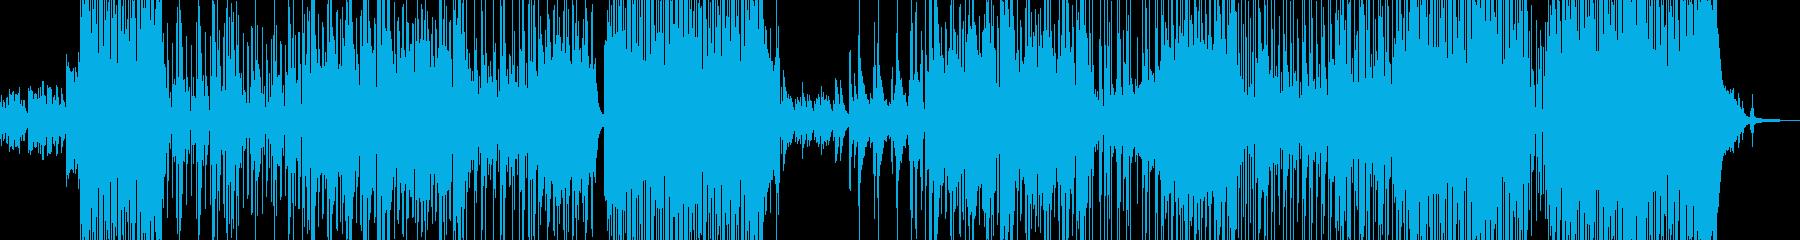 キュートな雰囲気に・R&Bポップ 短尺+の再生済みの波形